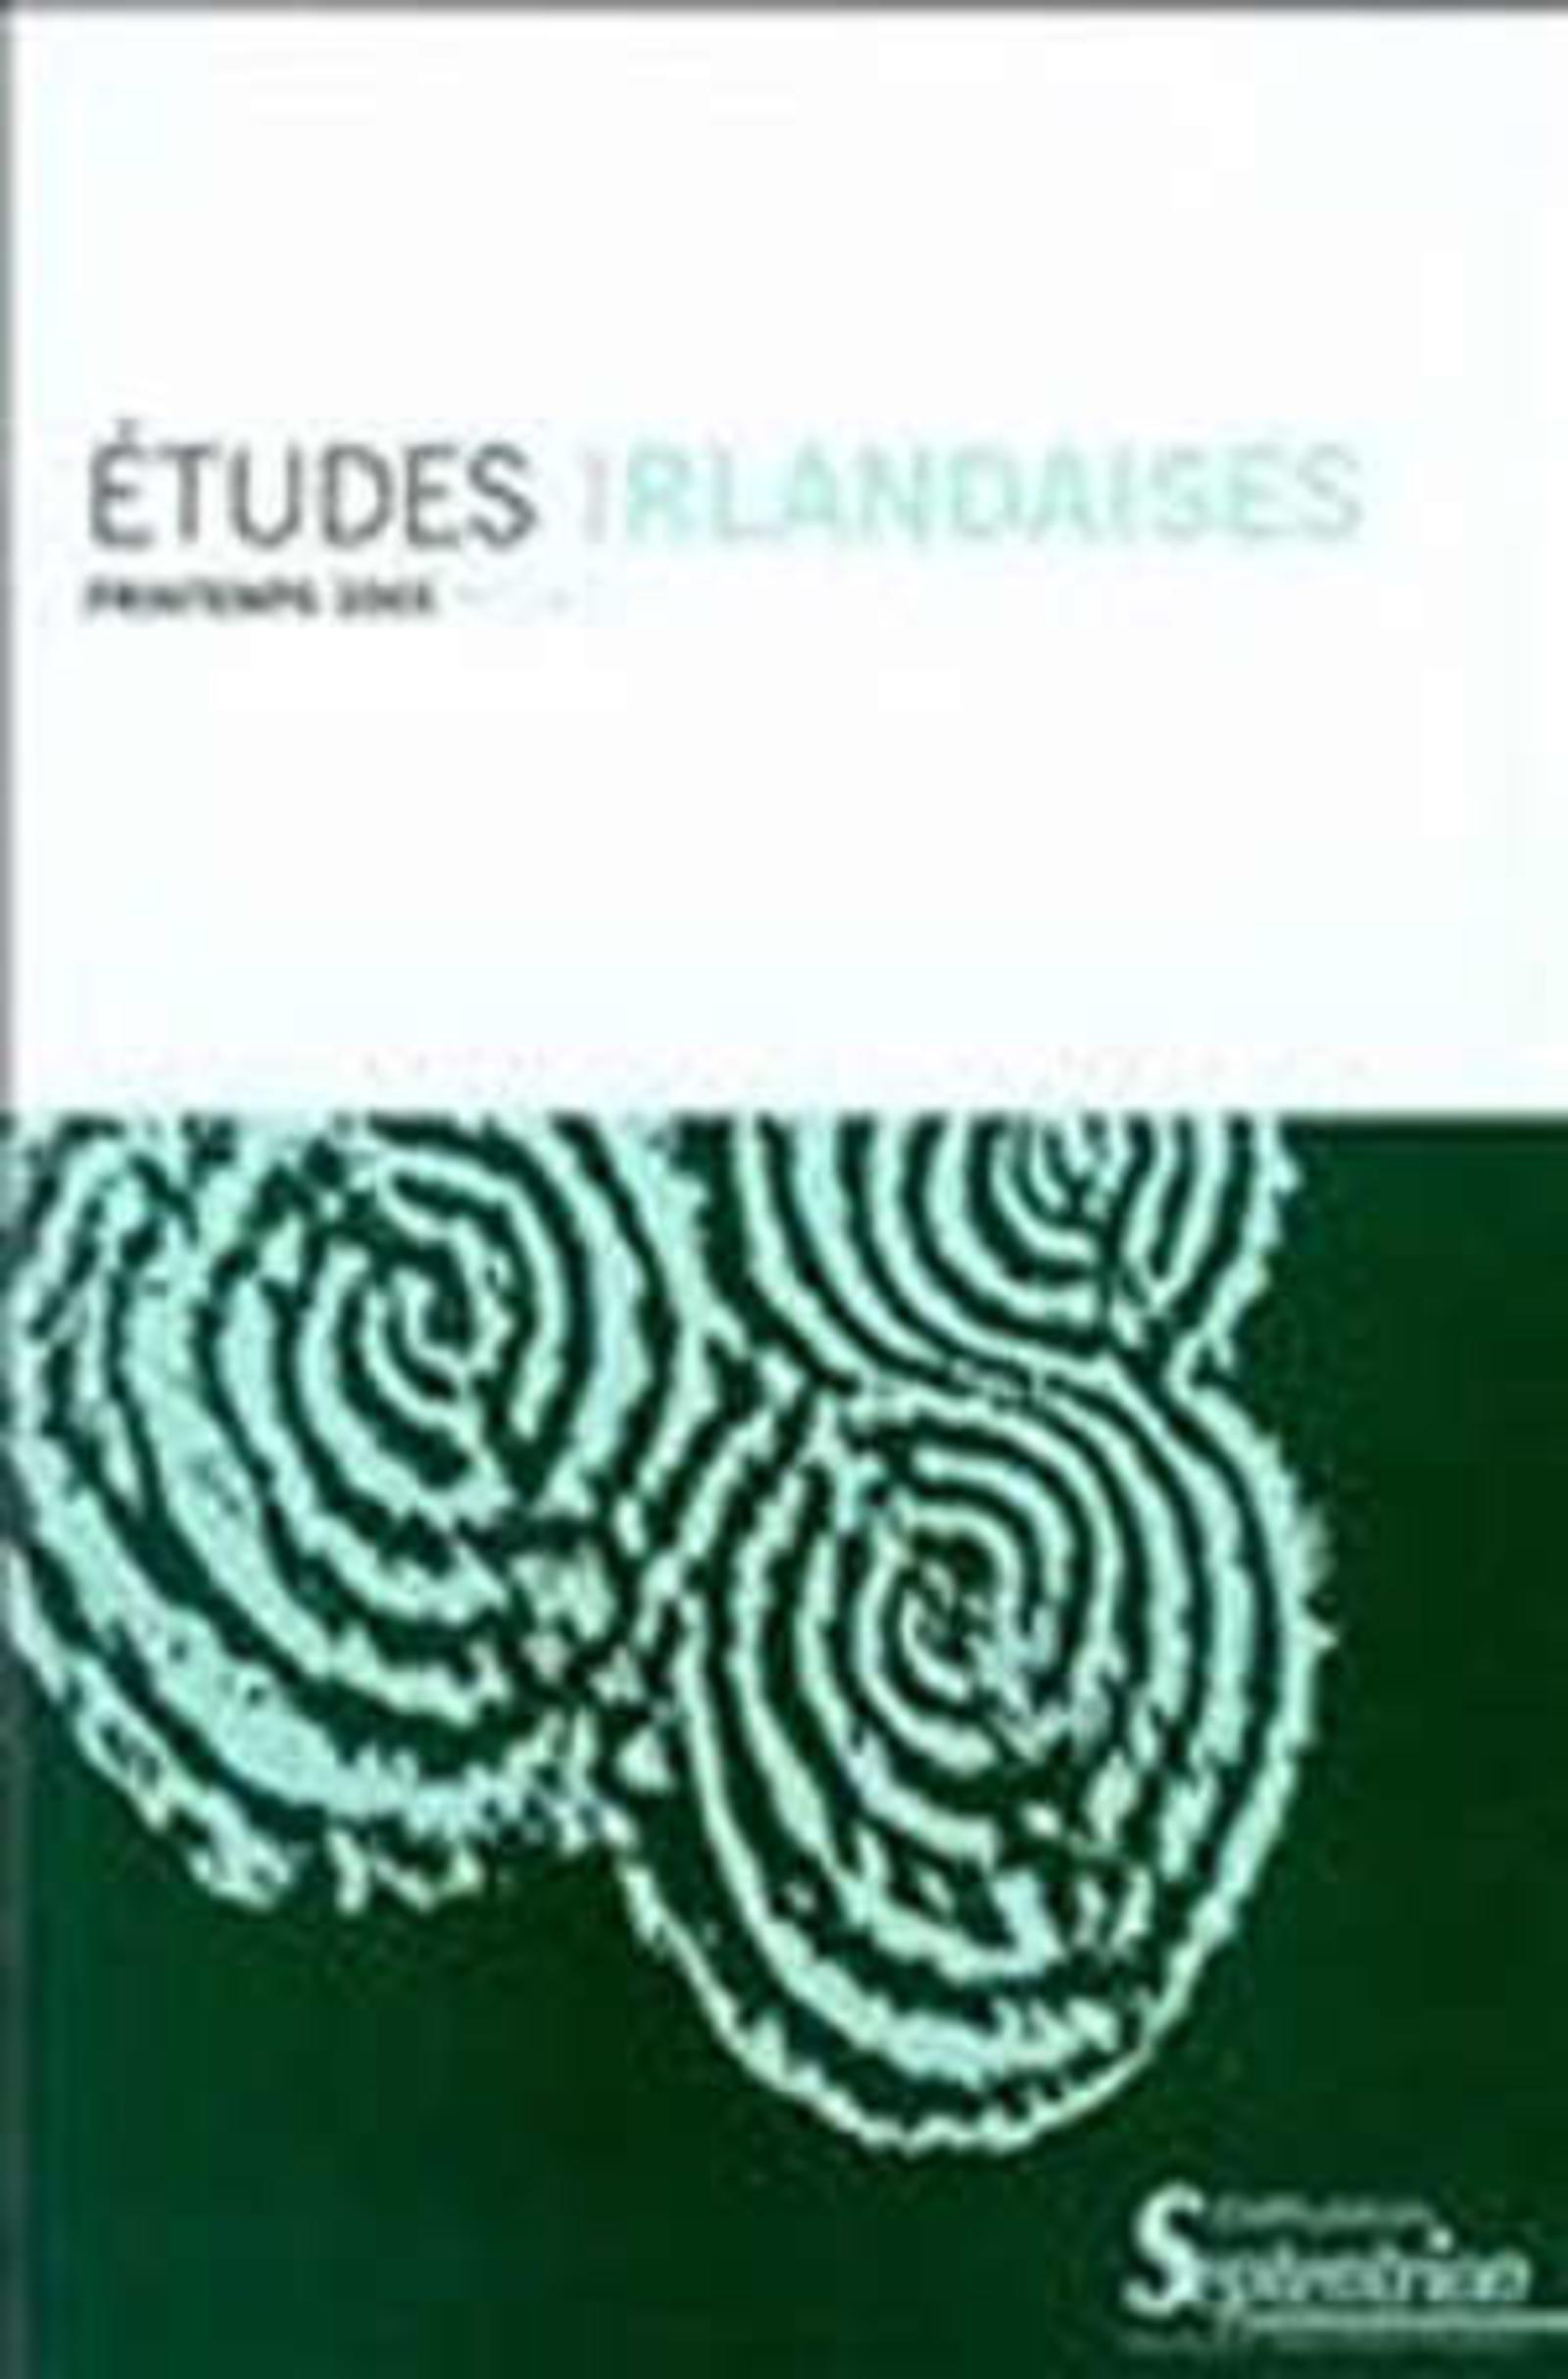 REVUE ETUDES IRLANDAISES N 28 1